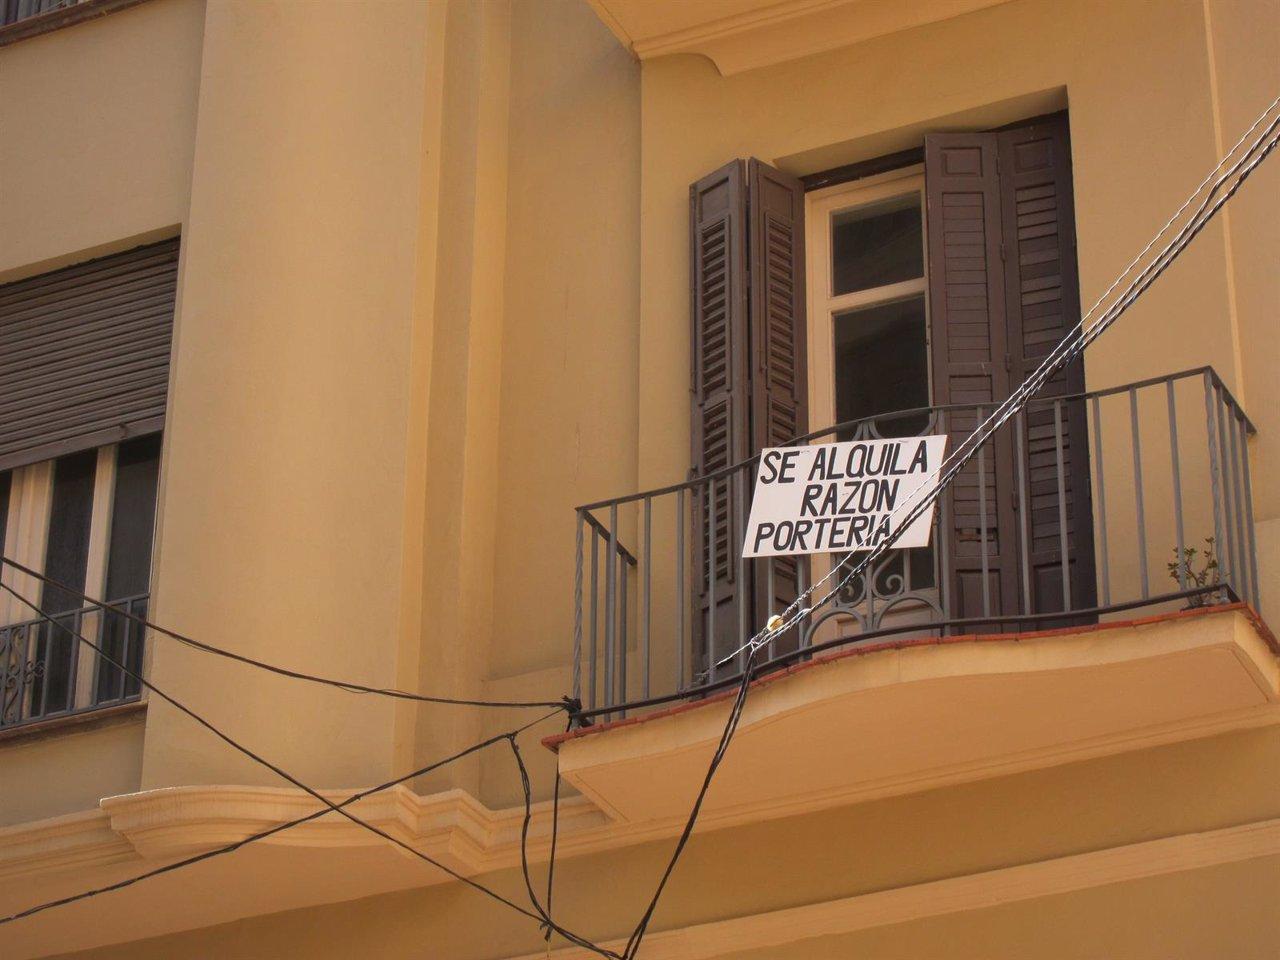 D nde es m s barato alquilar un piso for Alquilar un piso